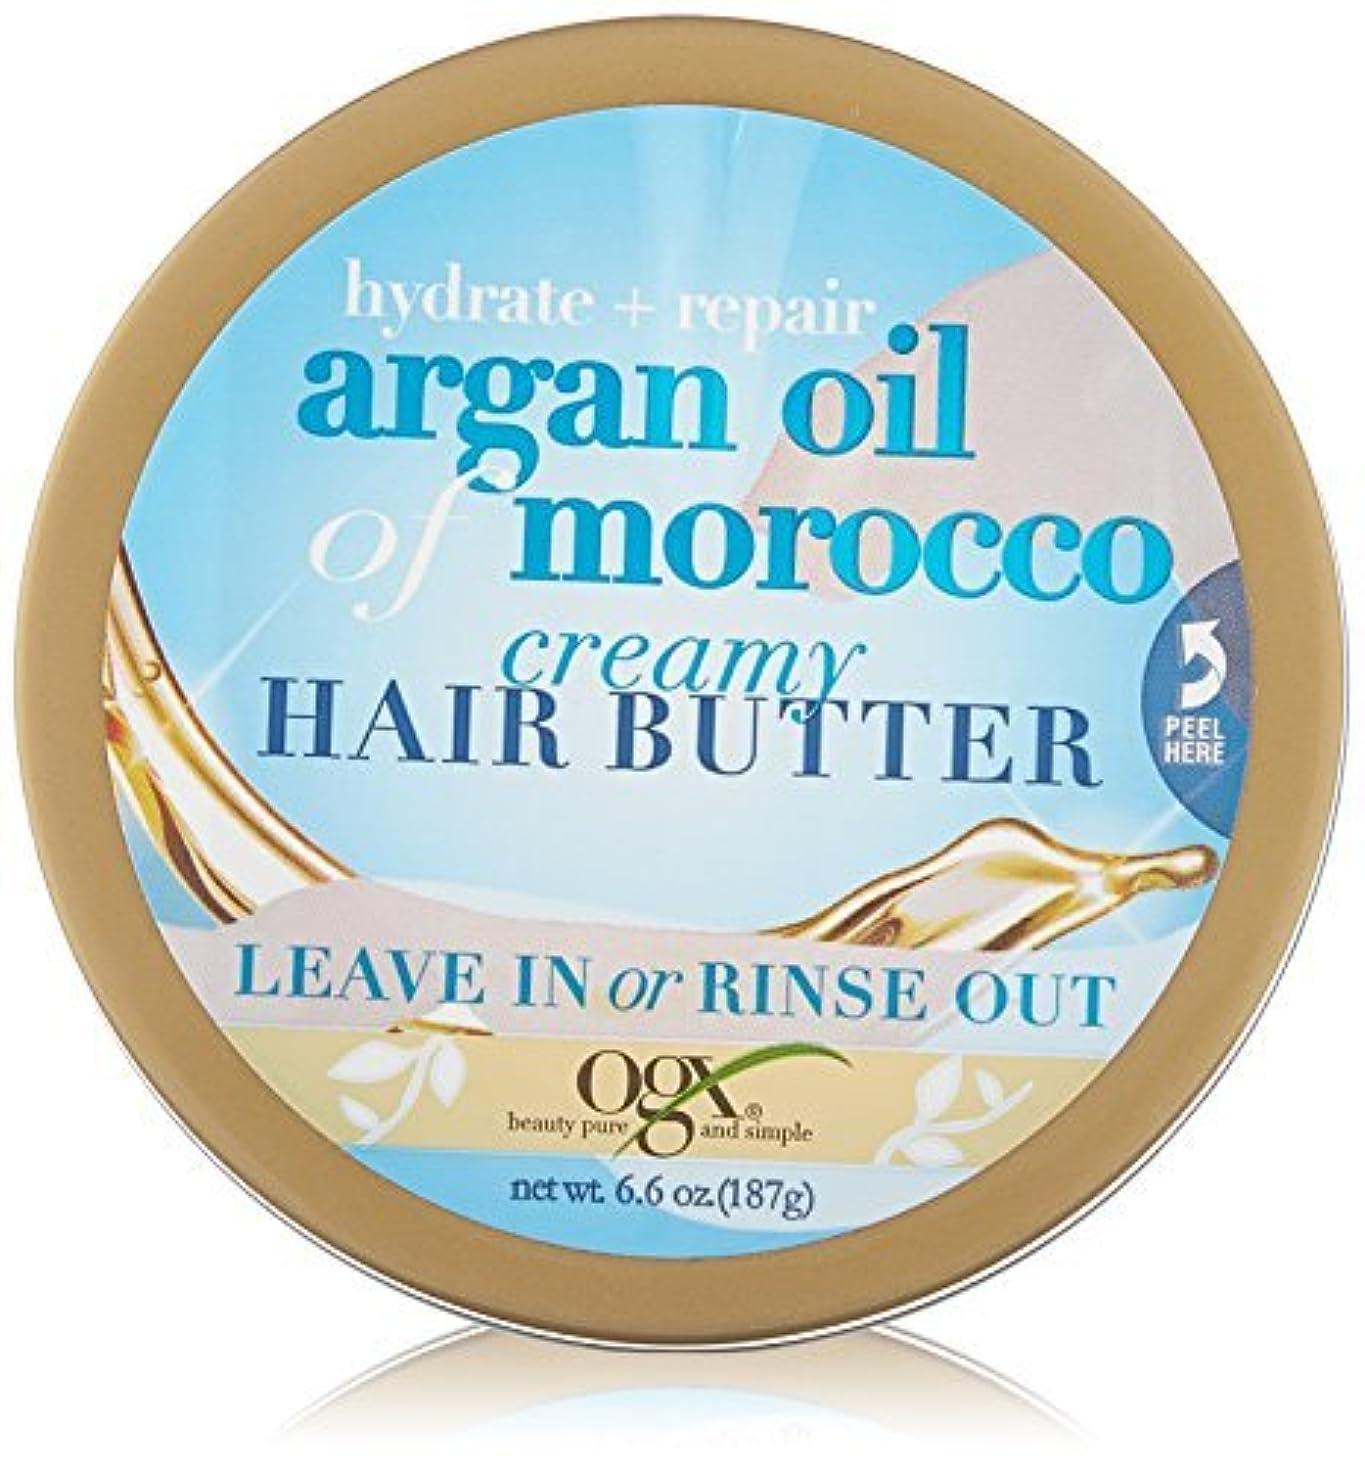 句突然の同意OGX Hydrate Plus Repair Argan Oil of Morocco, 6.6 Ounce [並行輸入品]